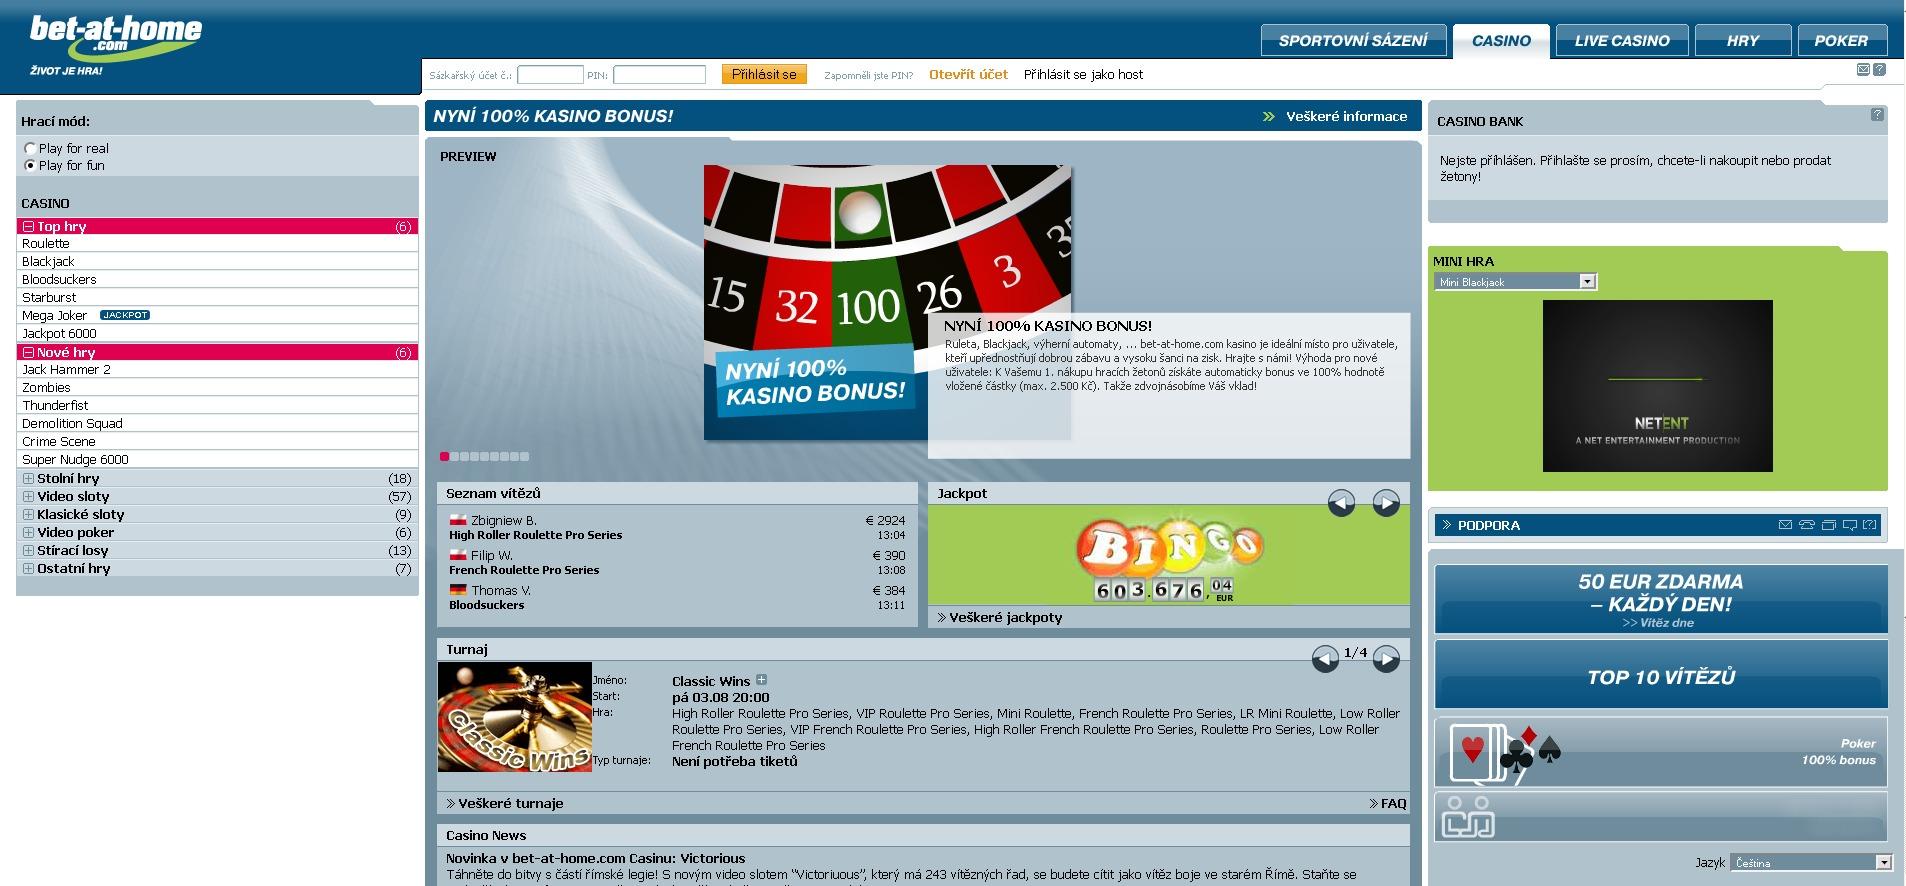 Casino bet-at-home náhled na úvodní stranu